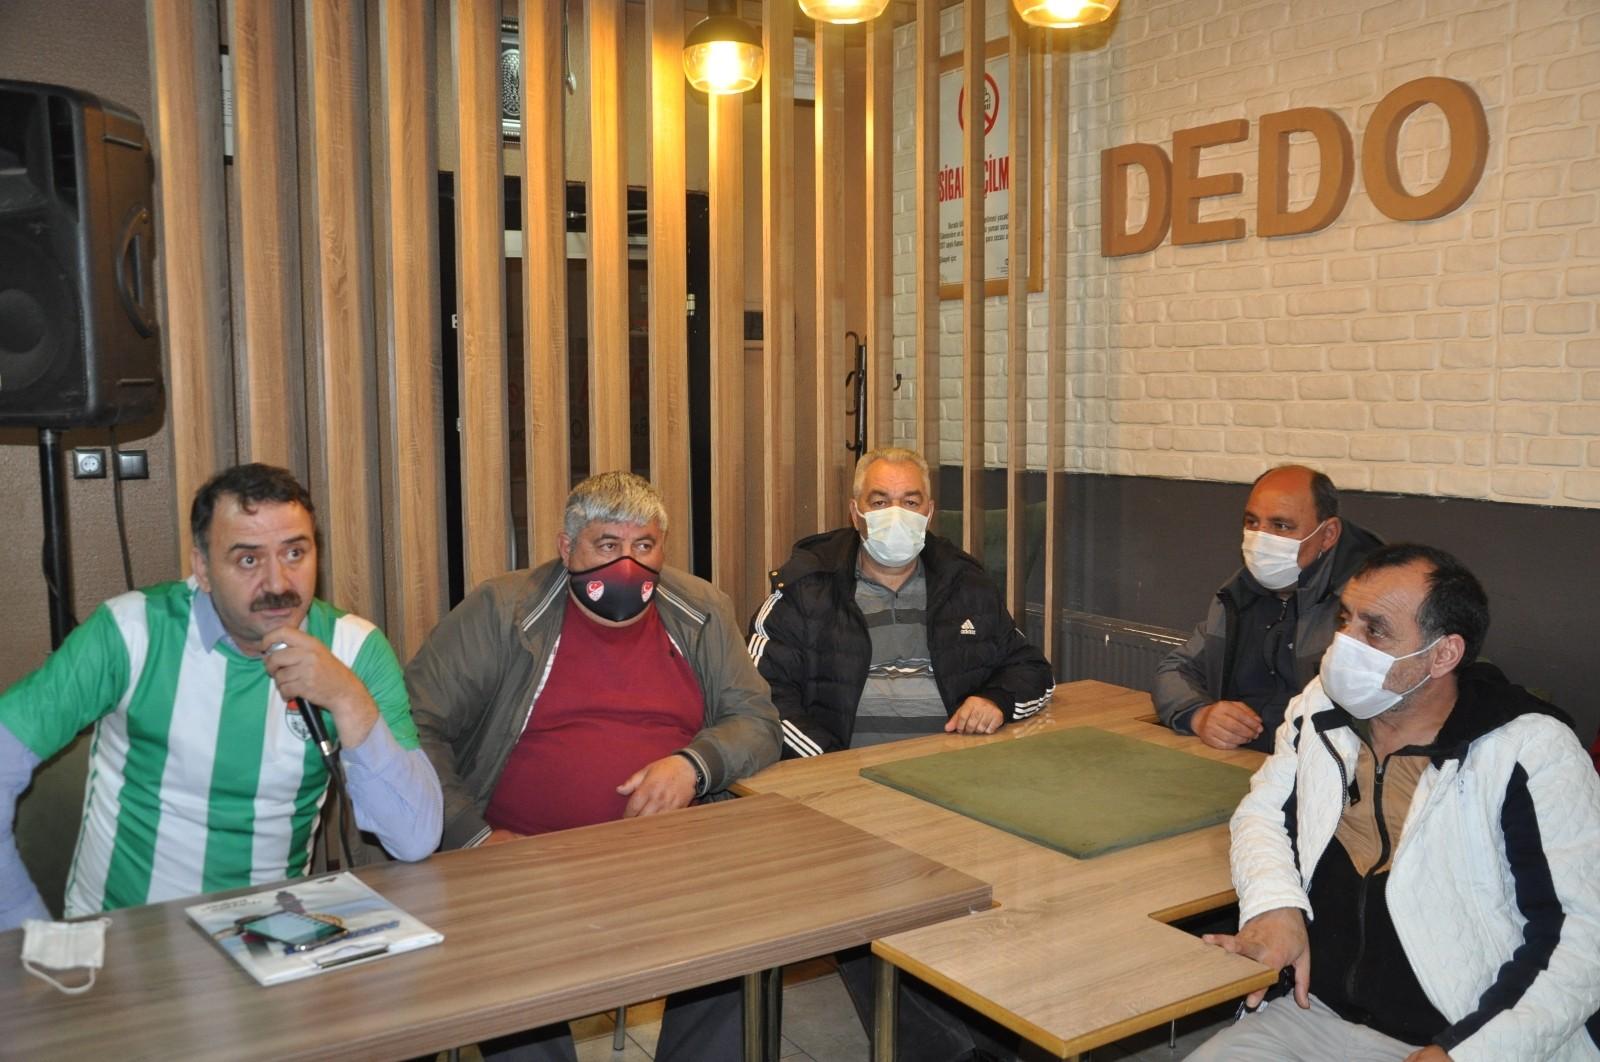 Kars 36 Spor'da Erkan Aydın dönemi başladı